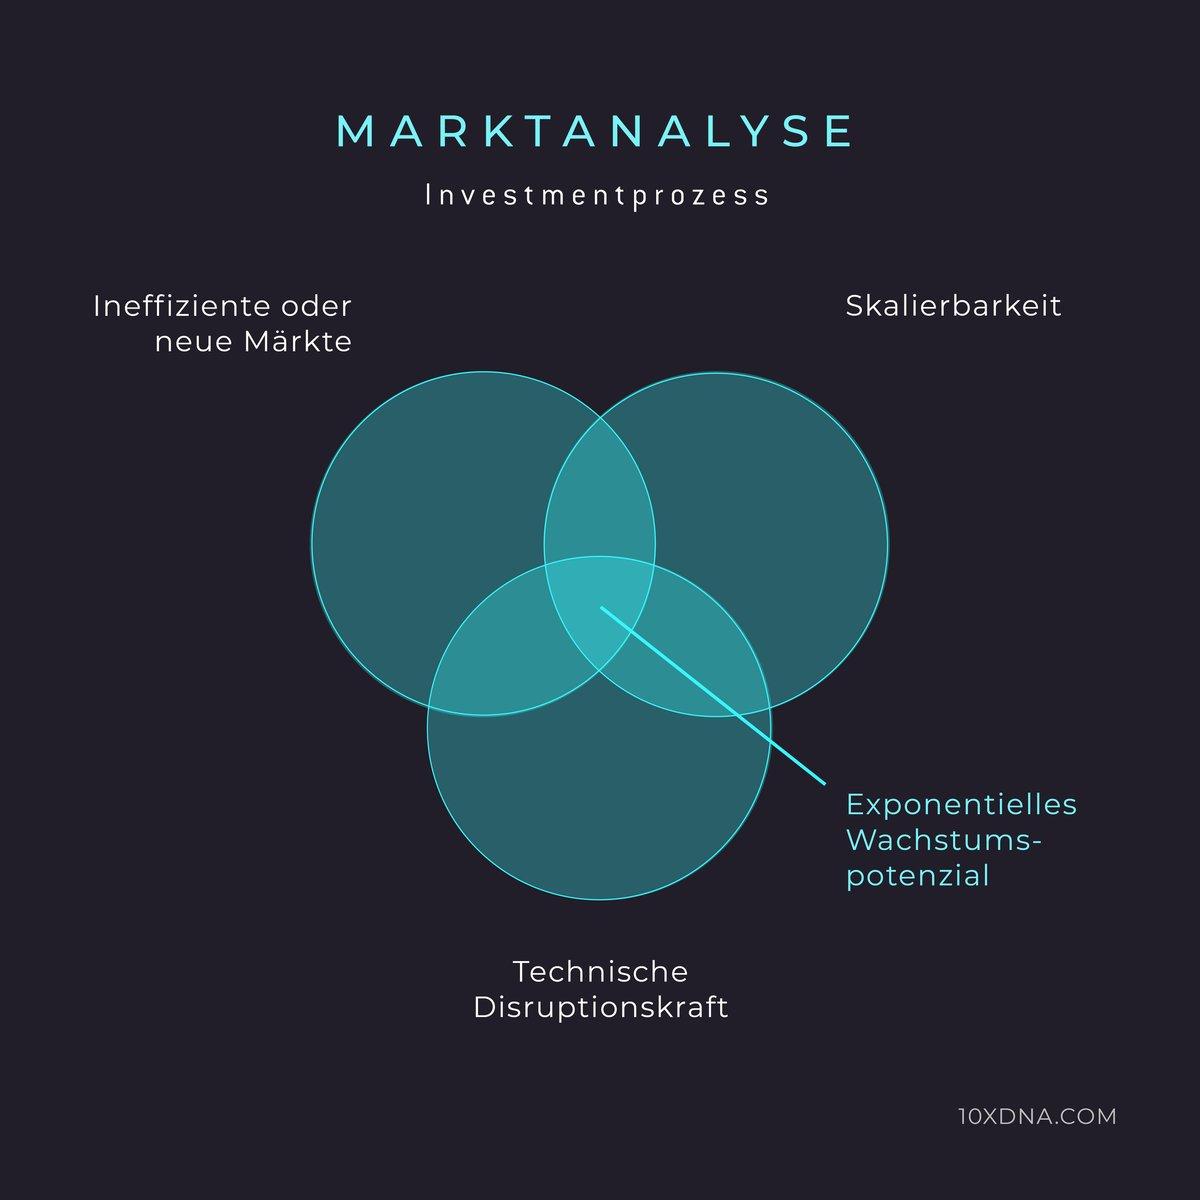 Marktanalyse_Investmentprozess_Zeichenfläche 1 Kopie